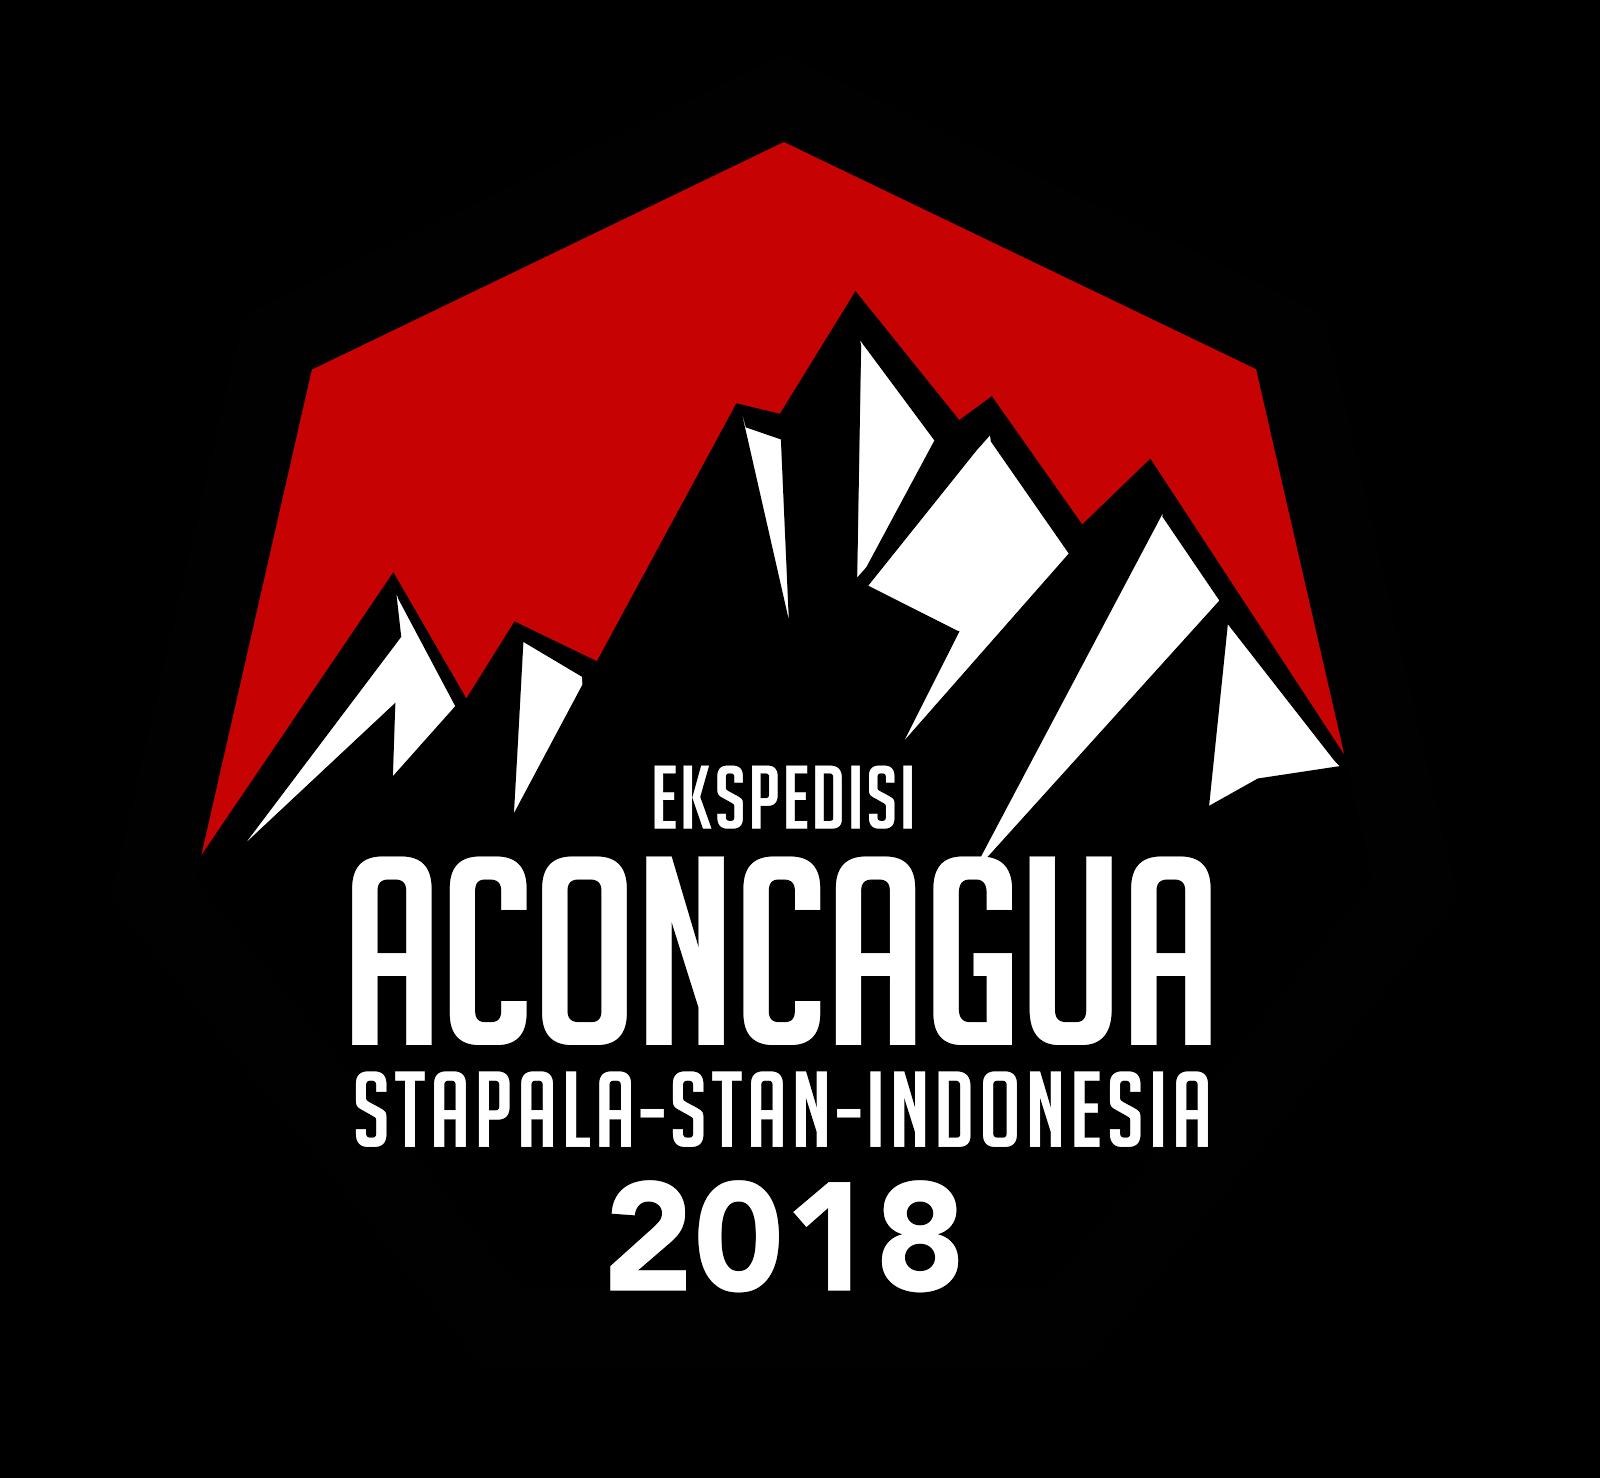 Ekspedisi Aconcagua STAPALA